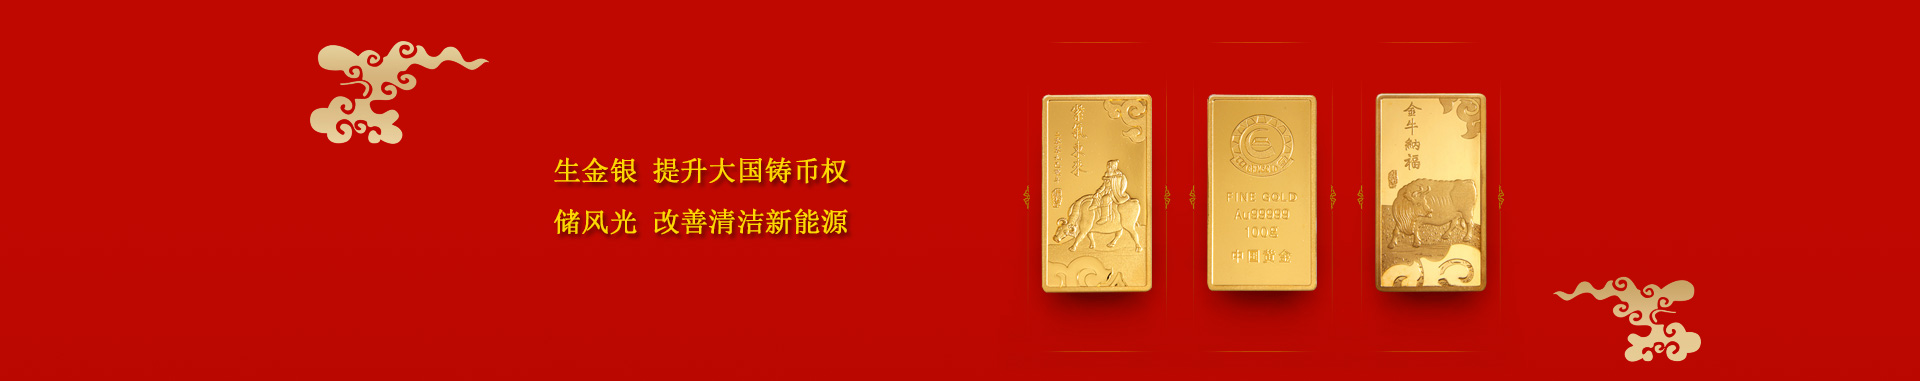 北京金陽礦業投資有限責任公司